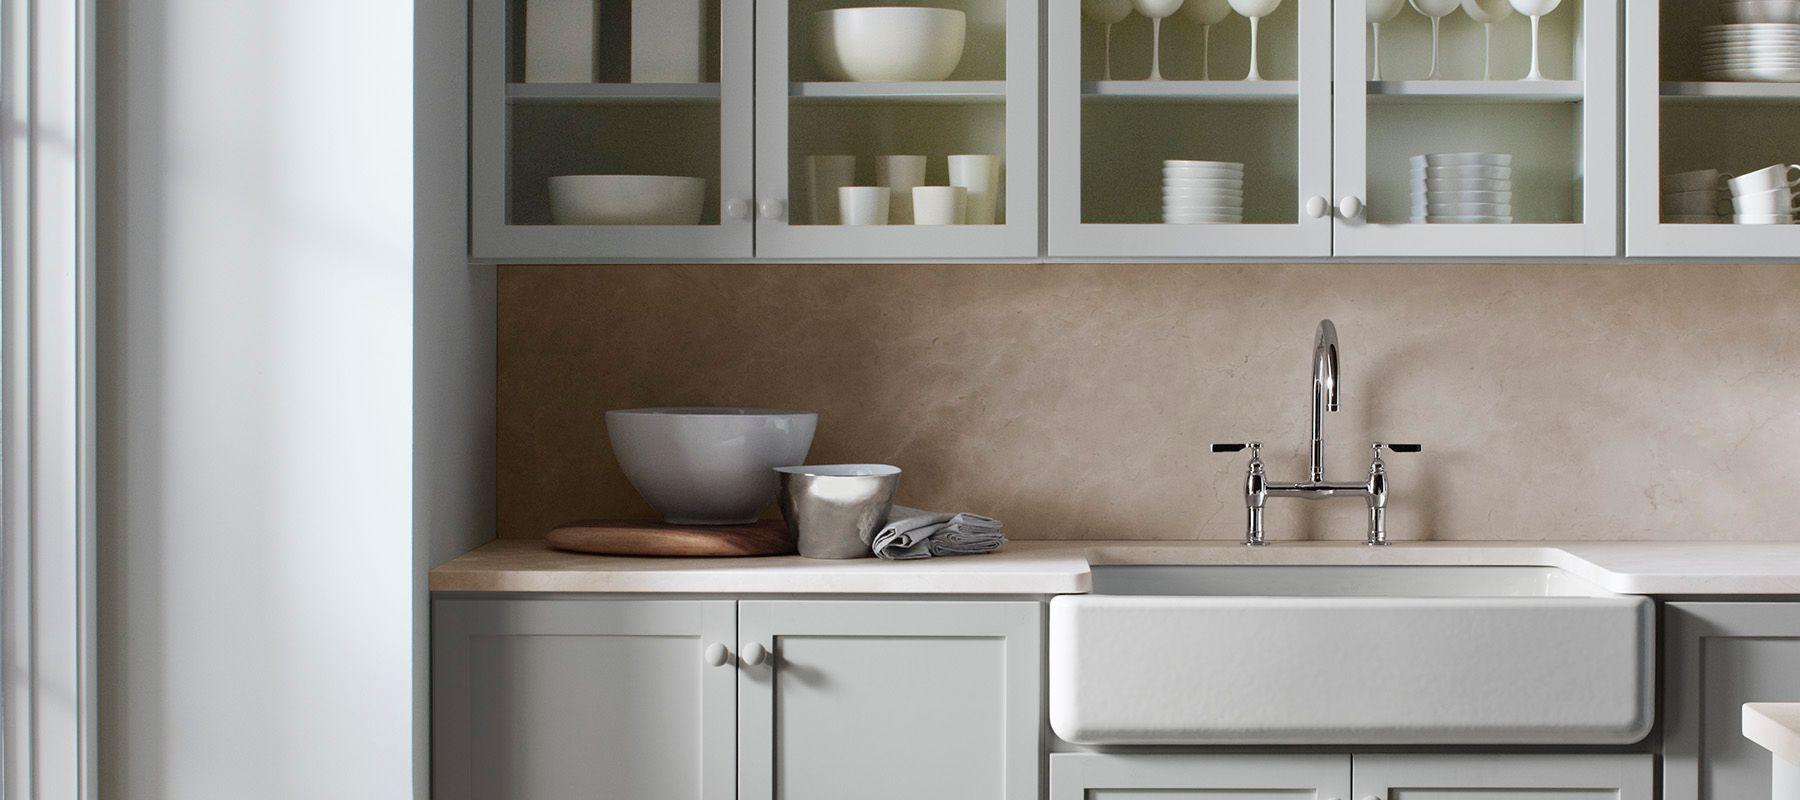 KOHLER Enameled Cast Iron Undermount Solid Surface White Kitchen ...